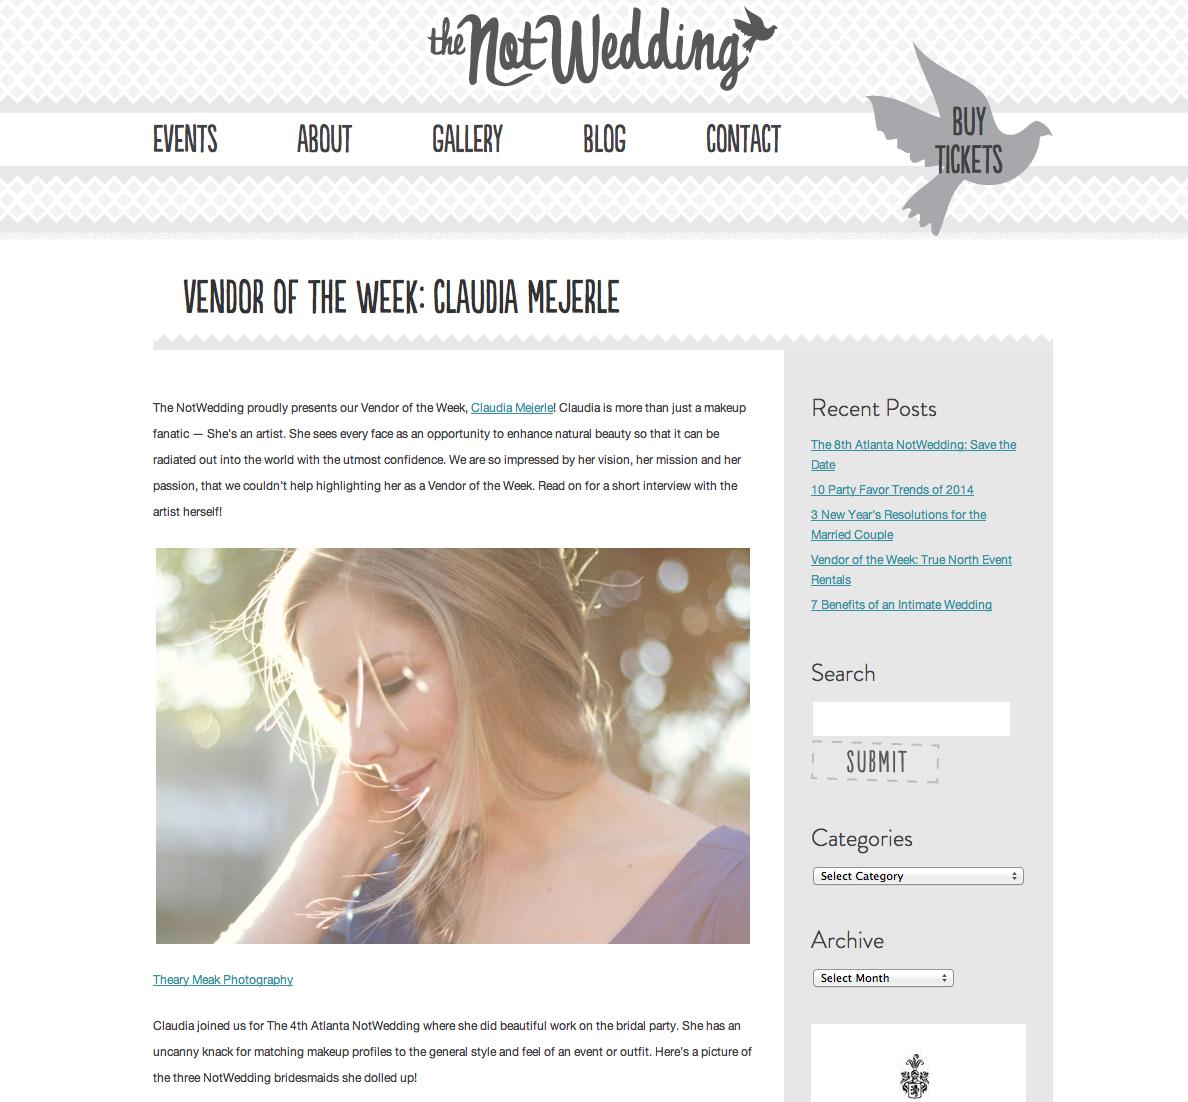 The NotWedding Blog - Vendor of the Week: Claudia Mejerle